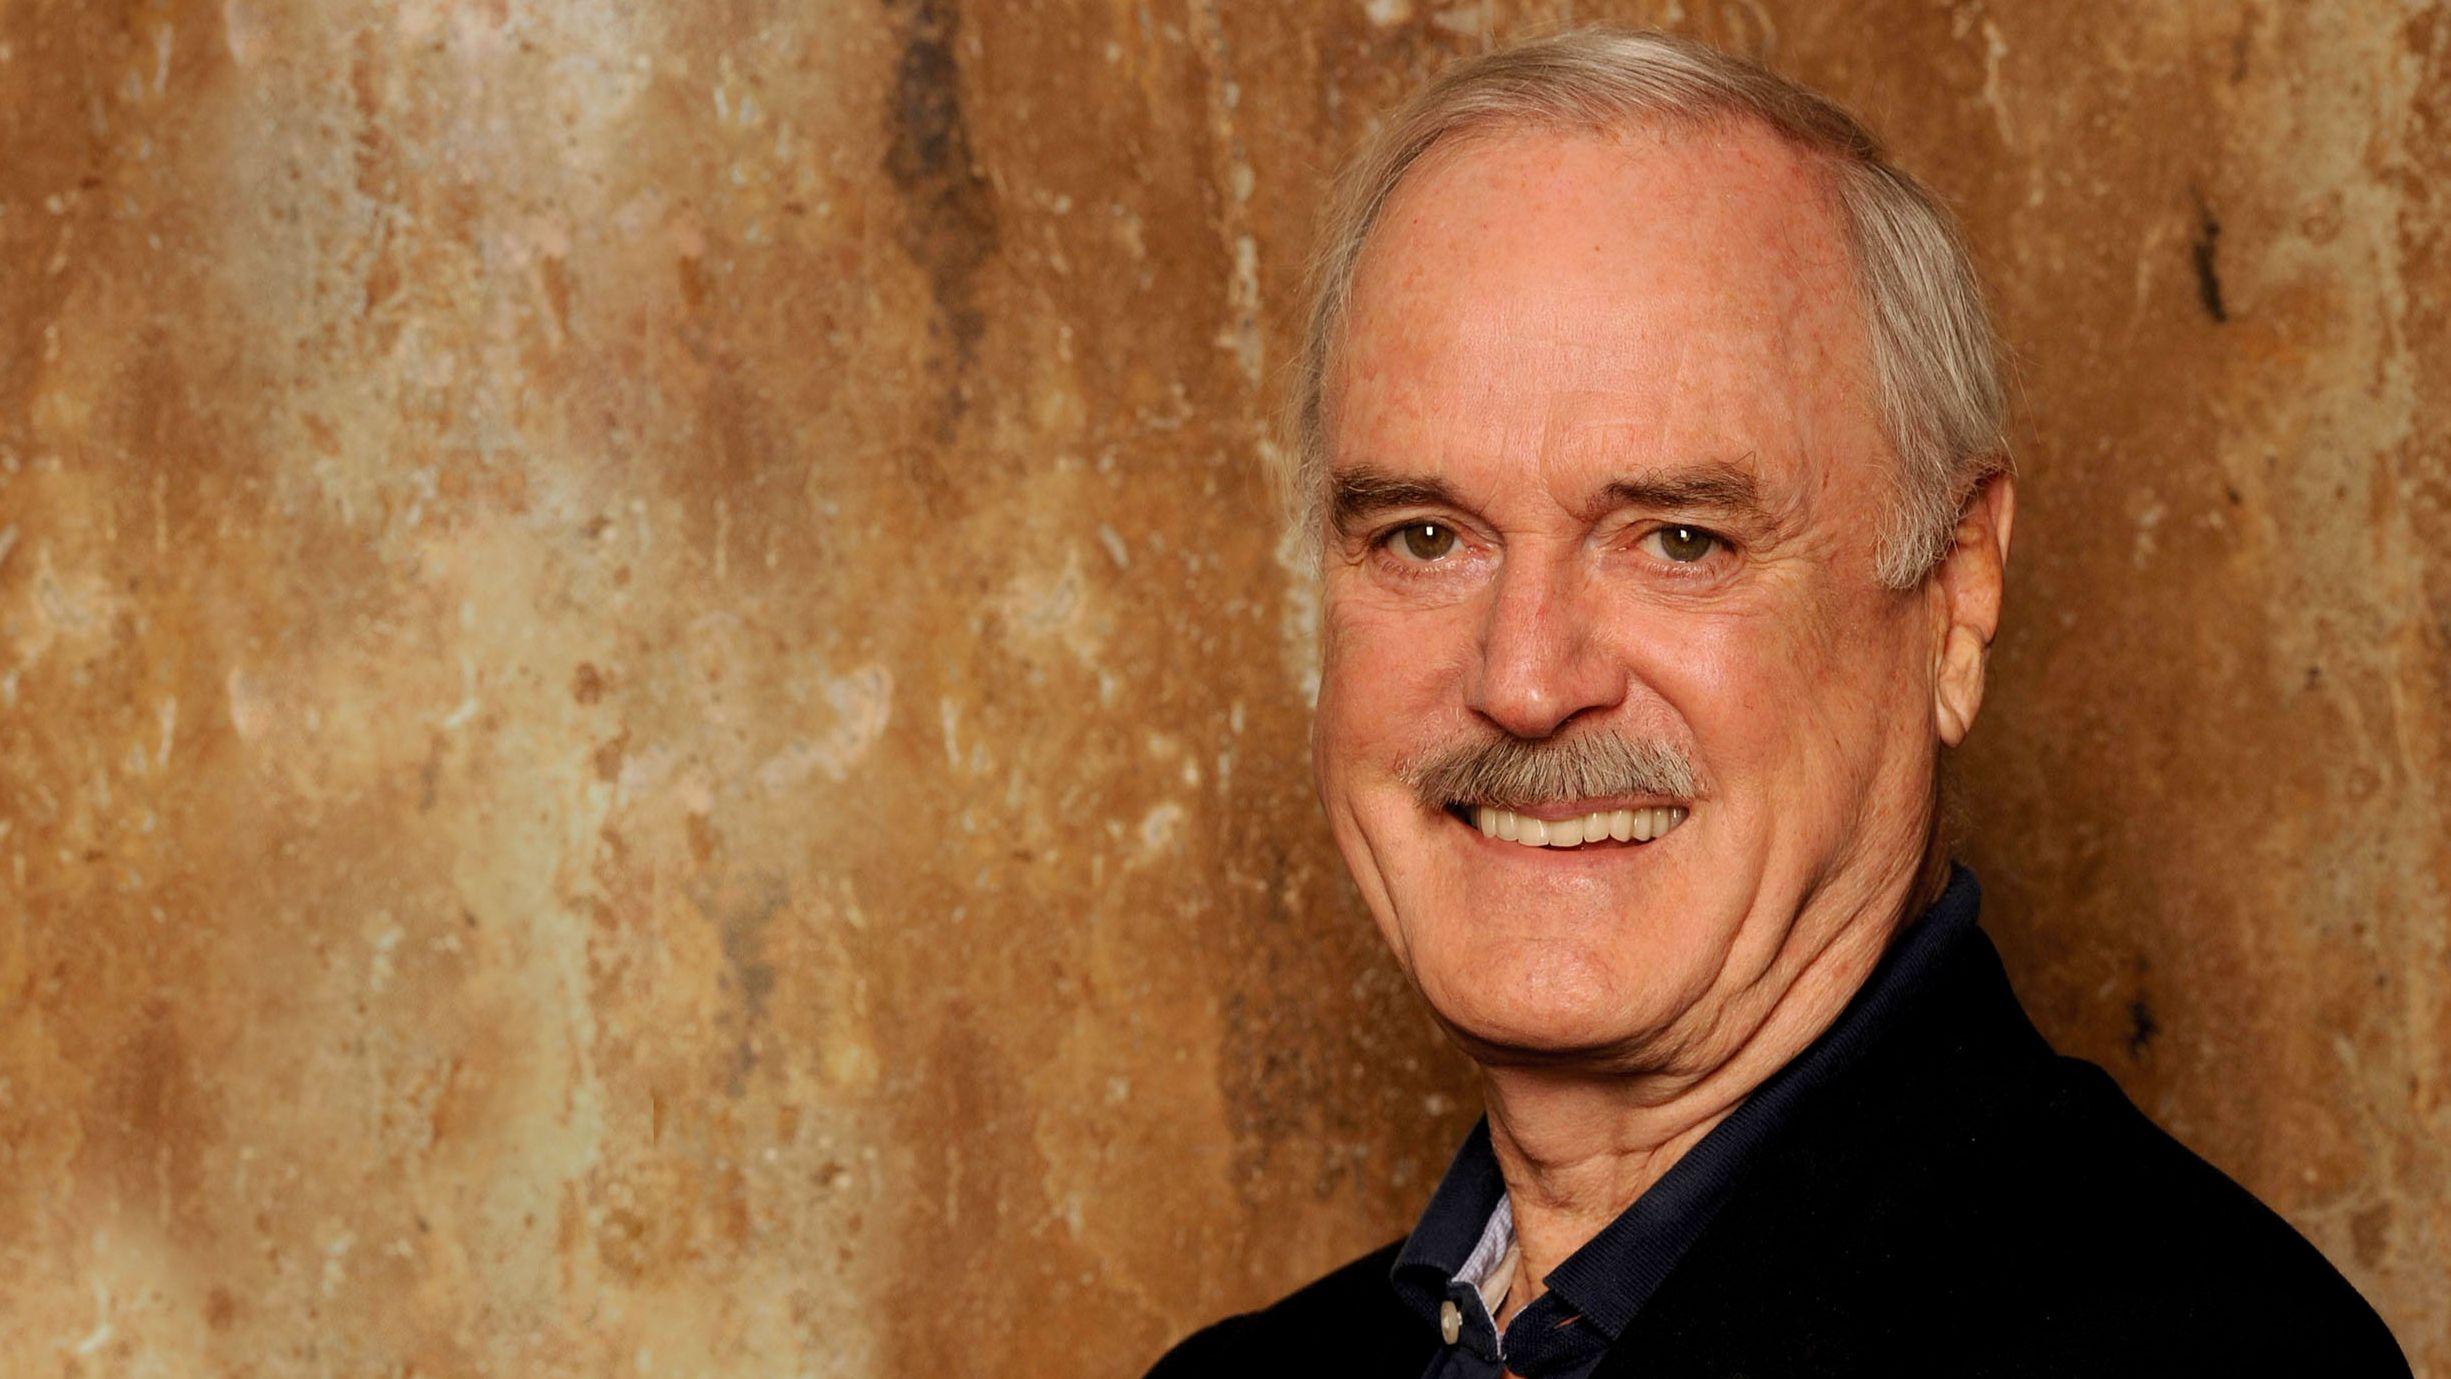 John Cleese steht vor einer ockerfarbenen Wand und lächelt in die Kamera